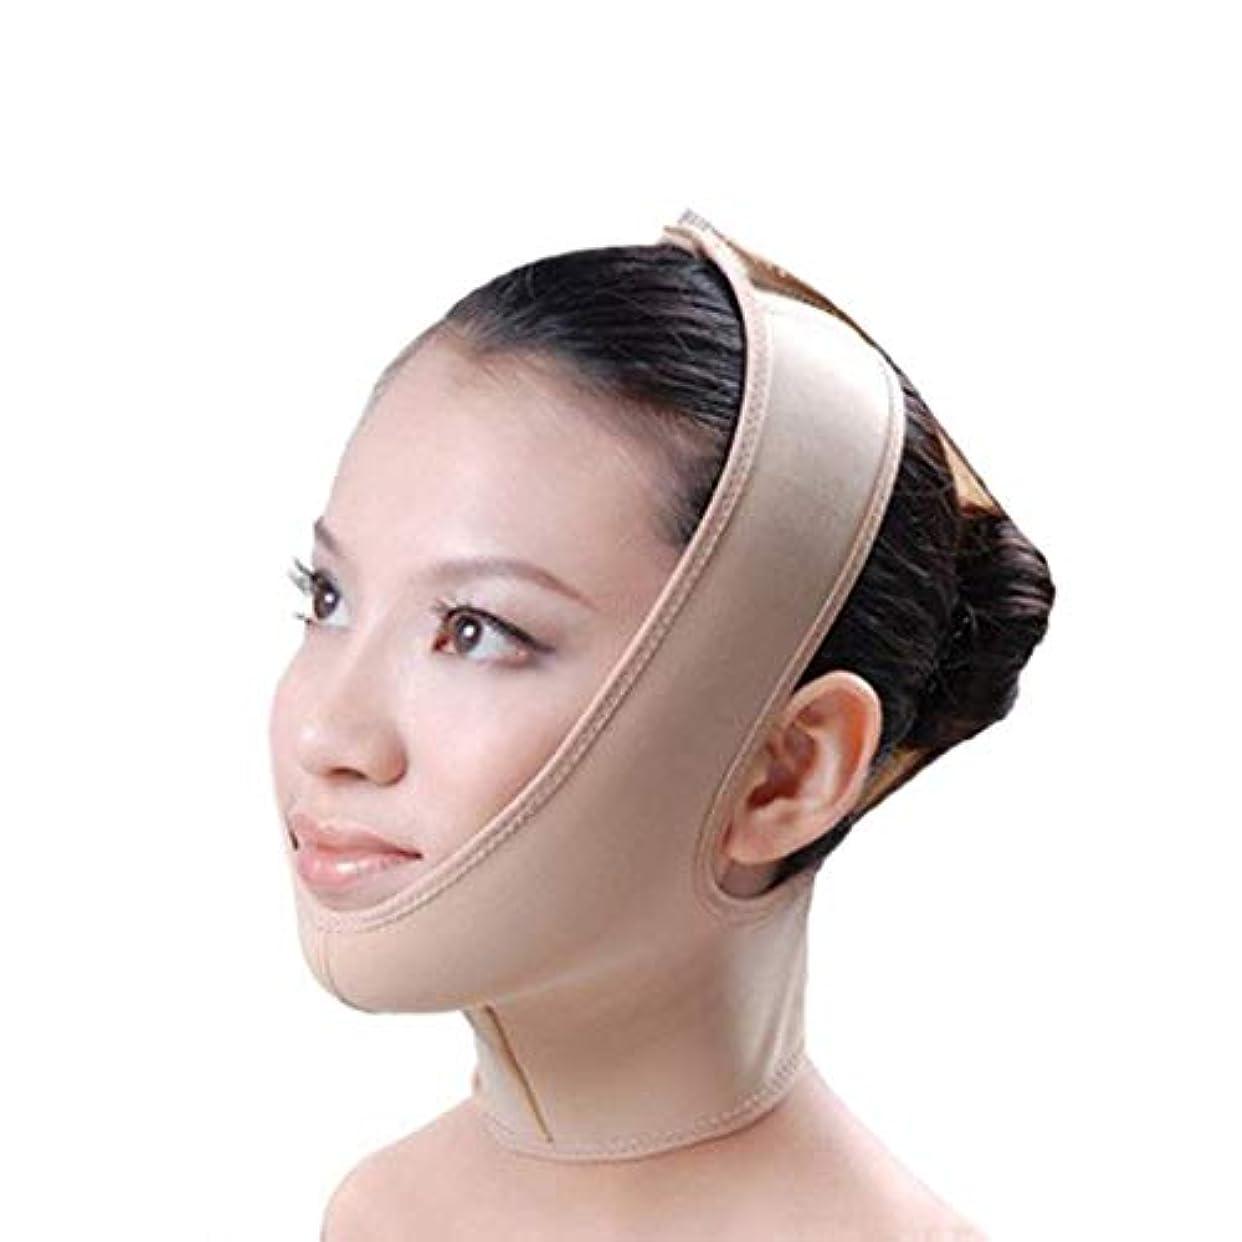 銃正義オークランドフェイススリム、リフティングマスク、包帯リフト、二重あご、引き締めフェイシャルリフト、フェイシャル減量マスク、リフティングスキン包帯(サイズ:XL),S